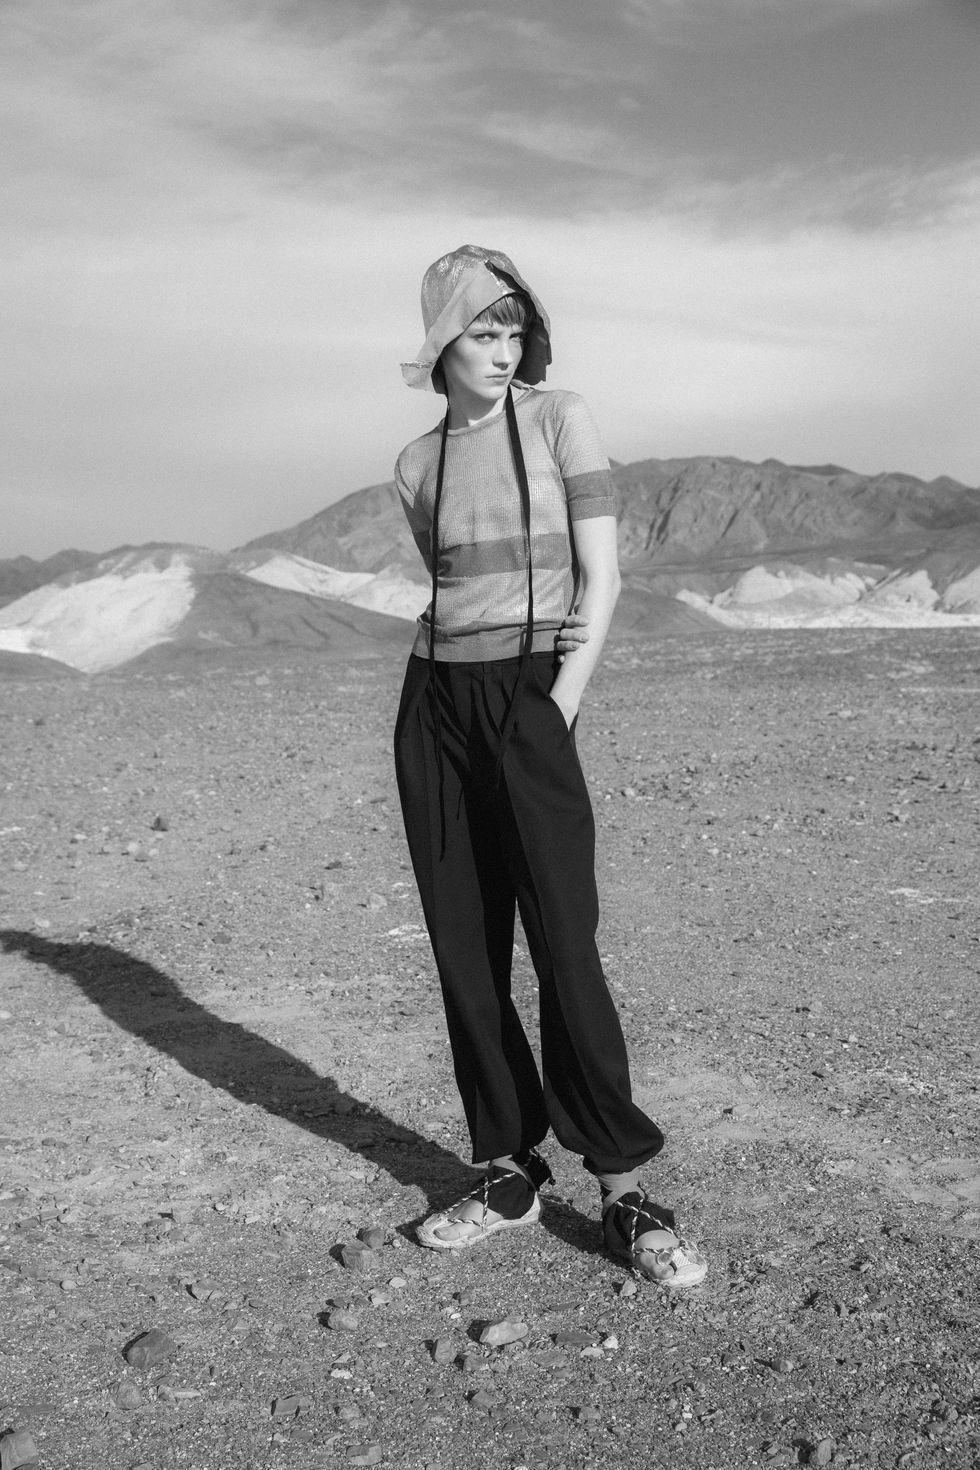 Bộ ảnh thời trang của tạp chí Elle tại Thung lũng chết - 6